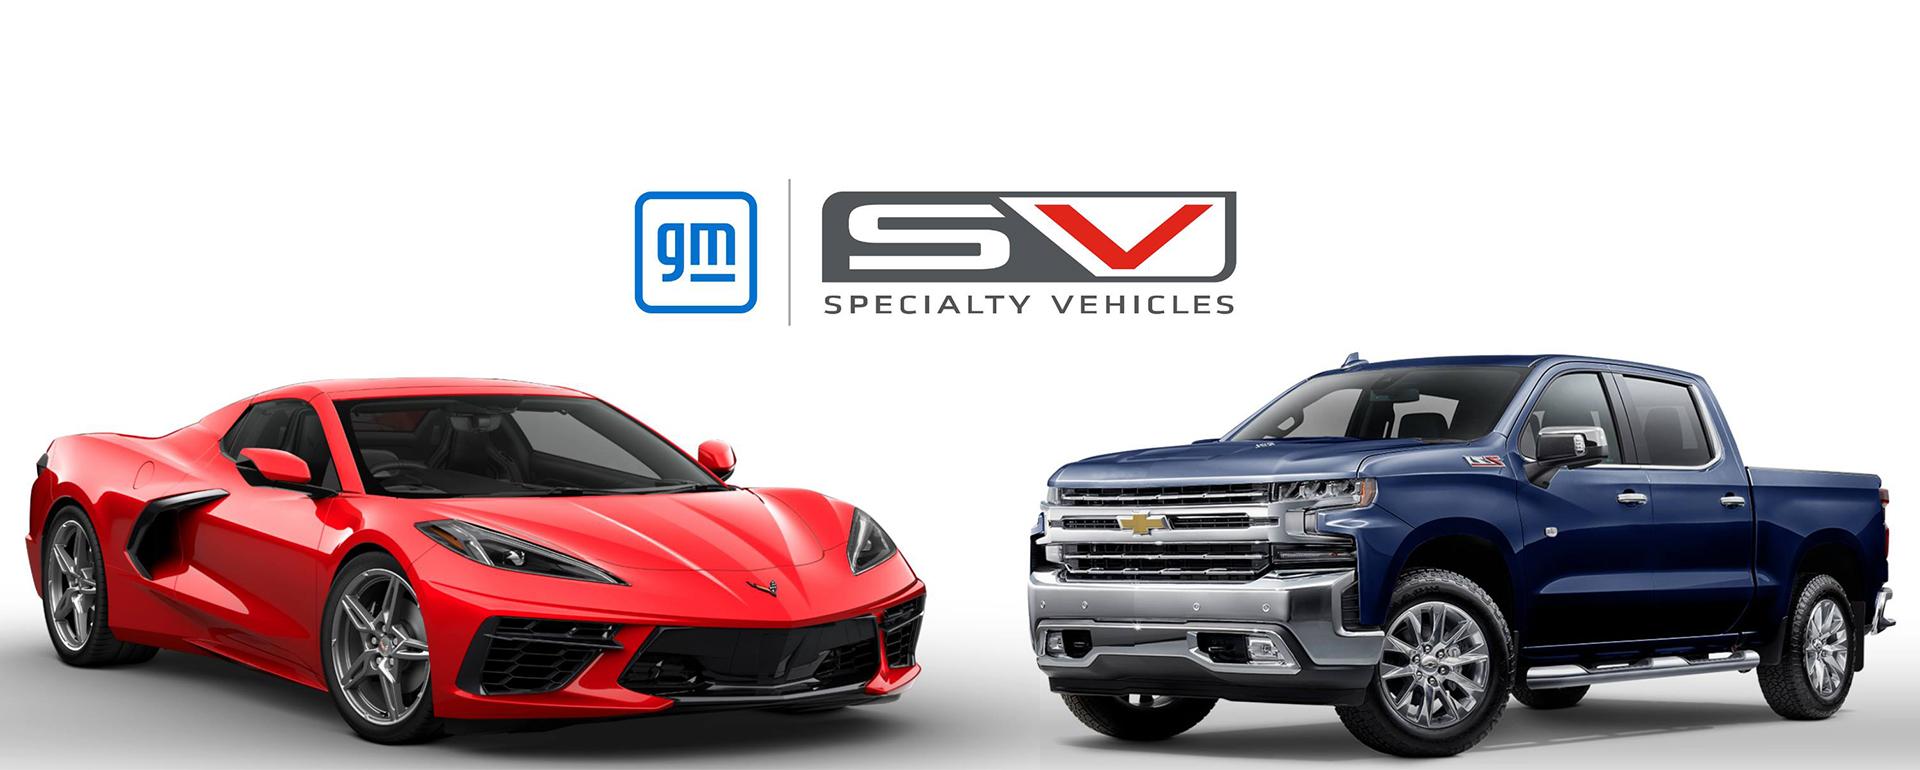 GMSV web banner